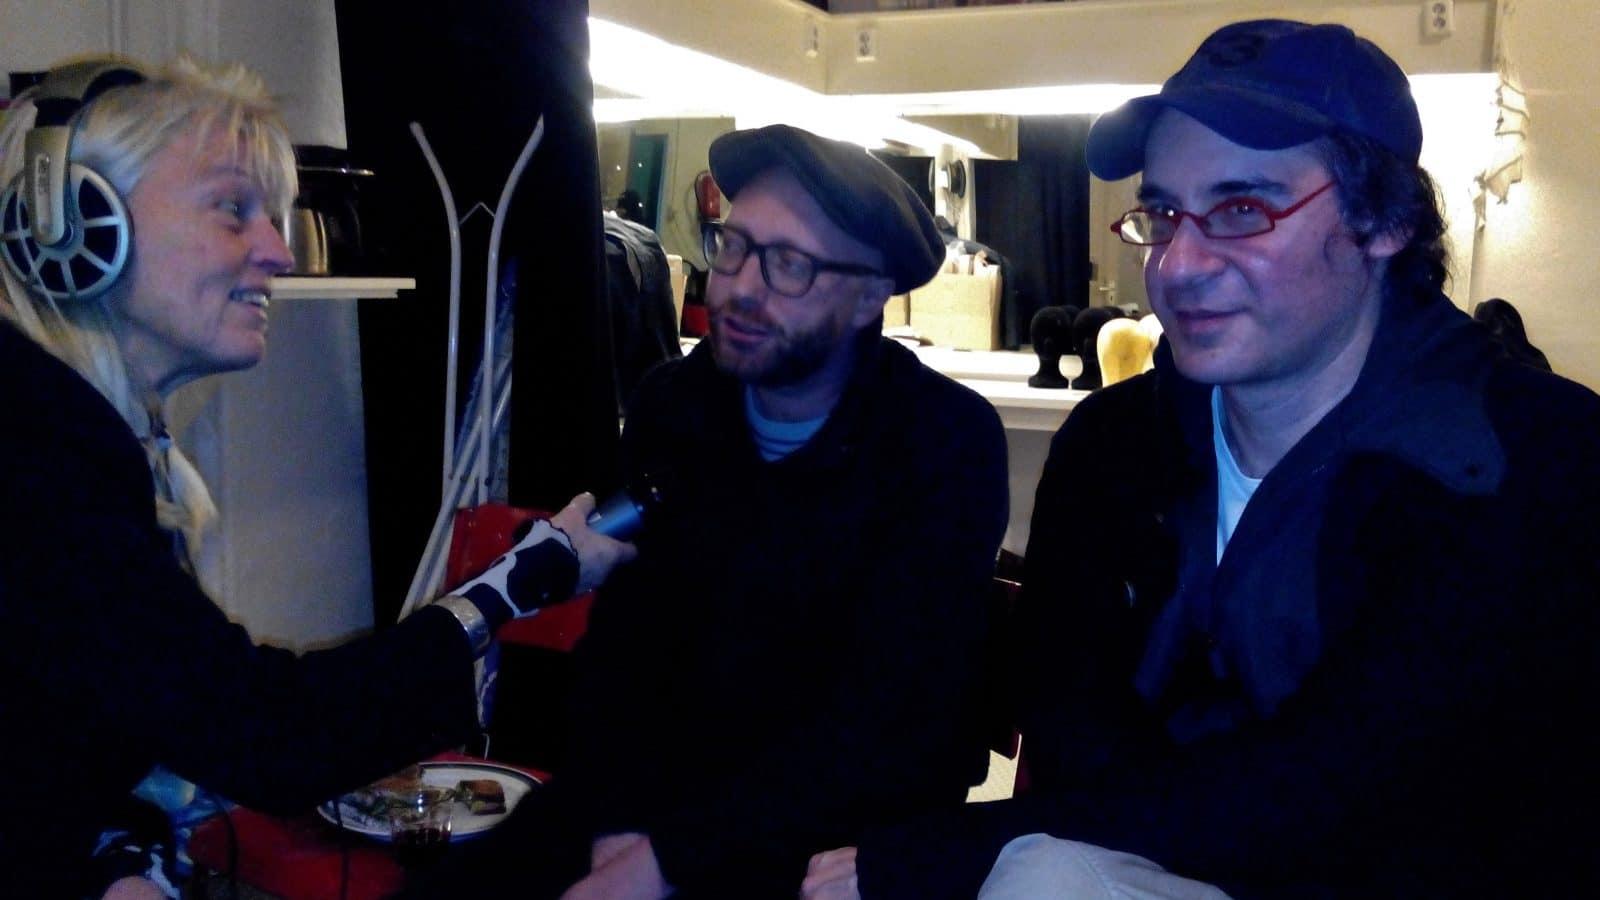 Thea Derks, Matthias Mooij en Benedict Weisser, 27-11-2013